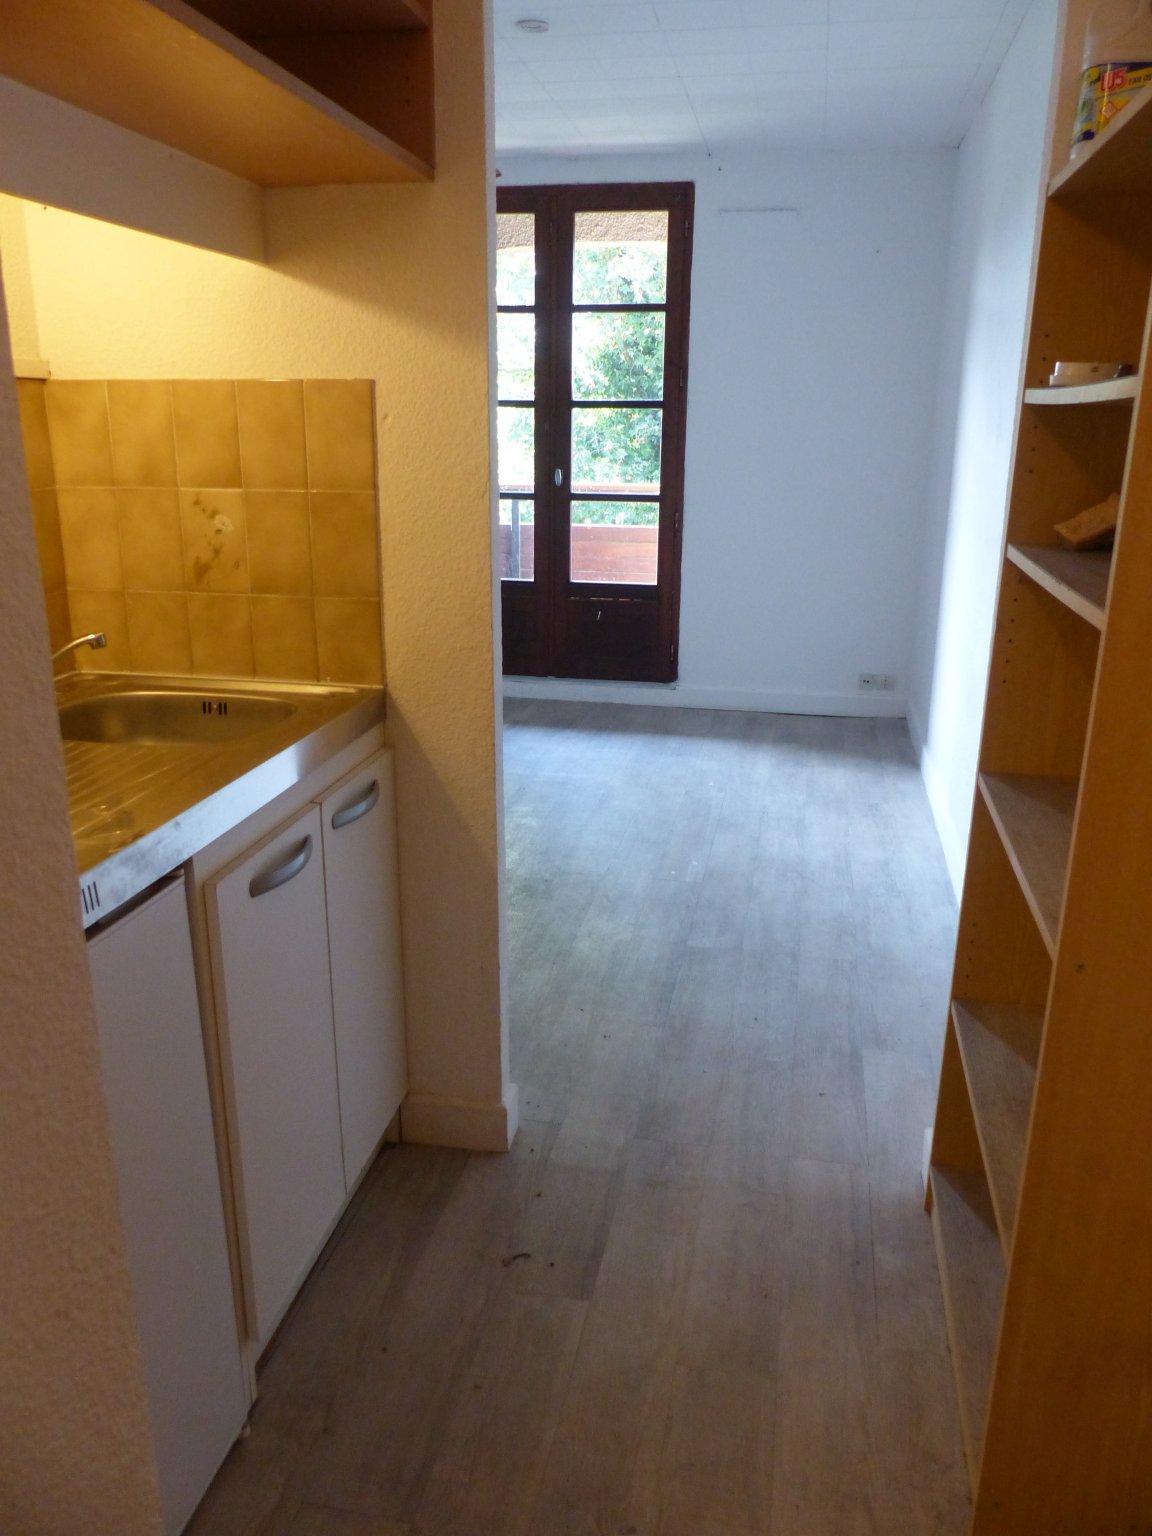 Appartement à revel    50 000 €